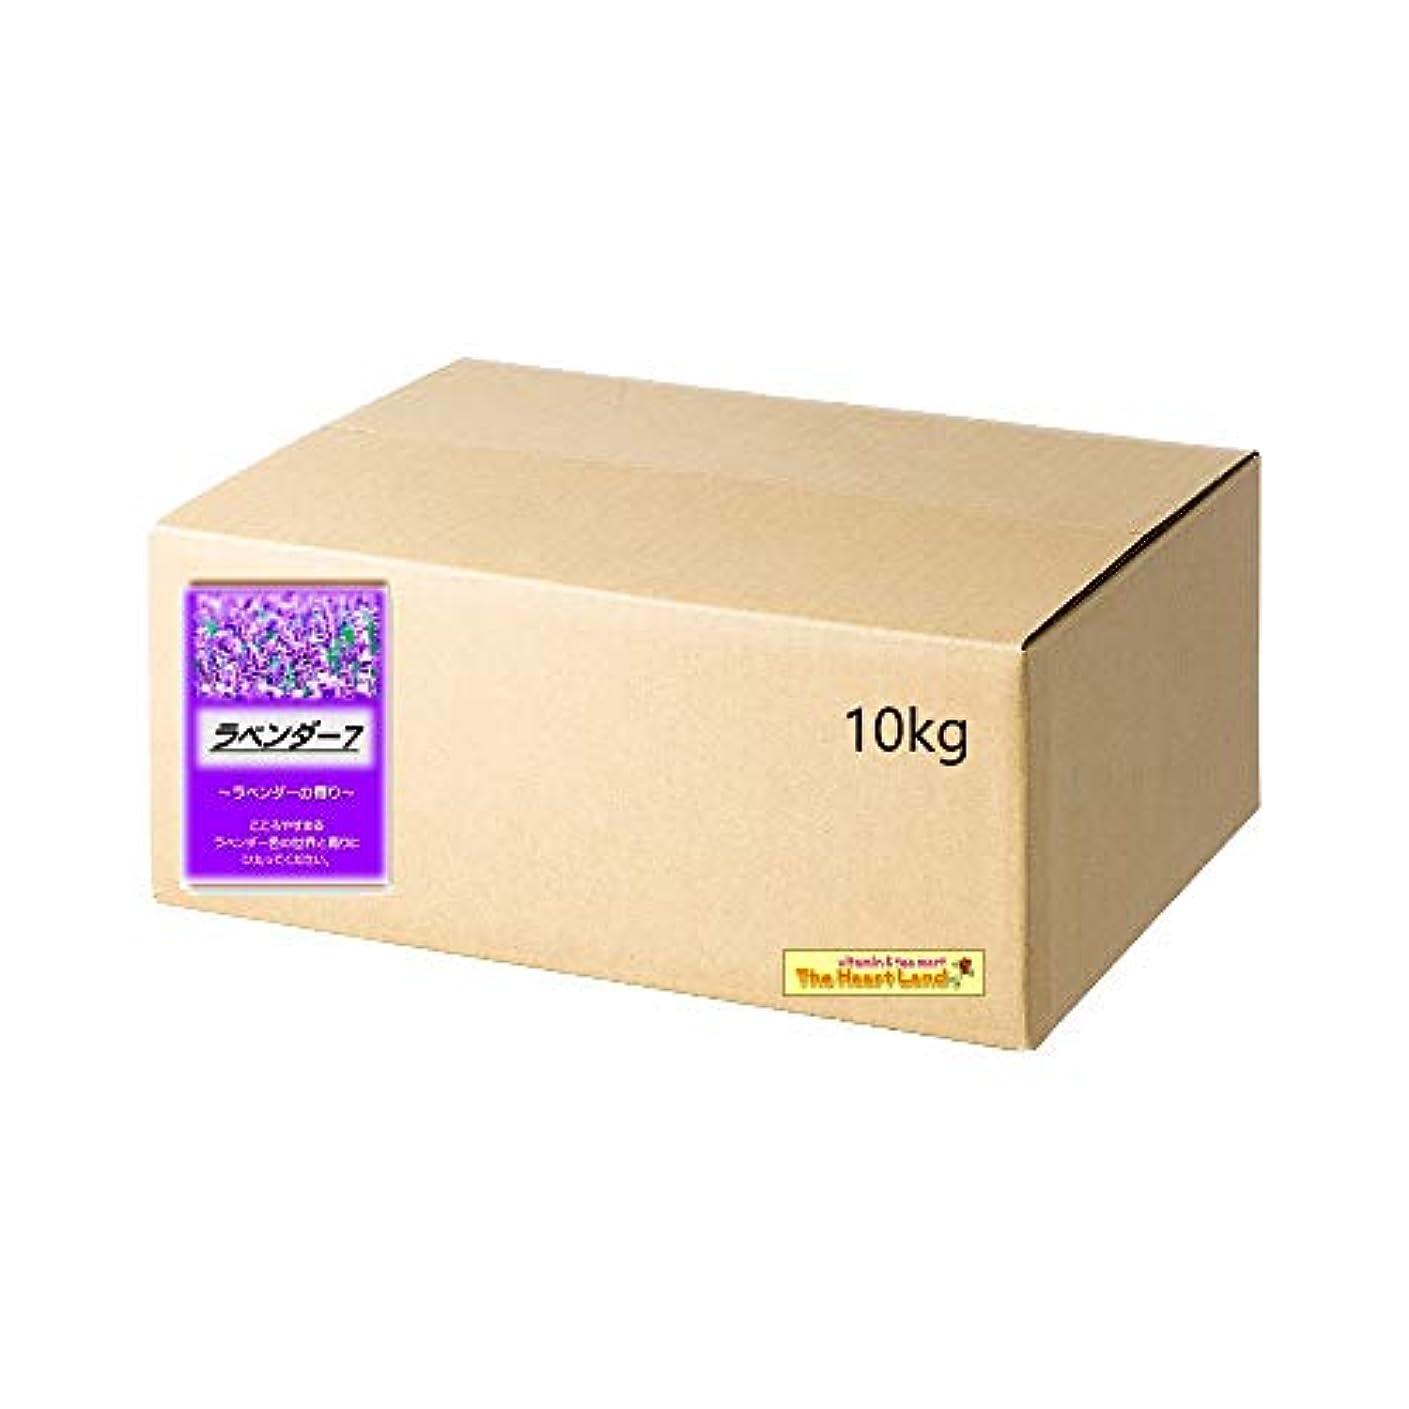 絶滅させるオートマトン与えるアサヒ入浴剤 浴用入浴化粧品 ラベンダー7 10kg